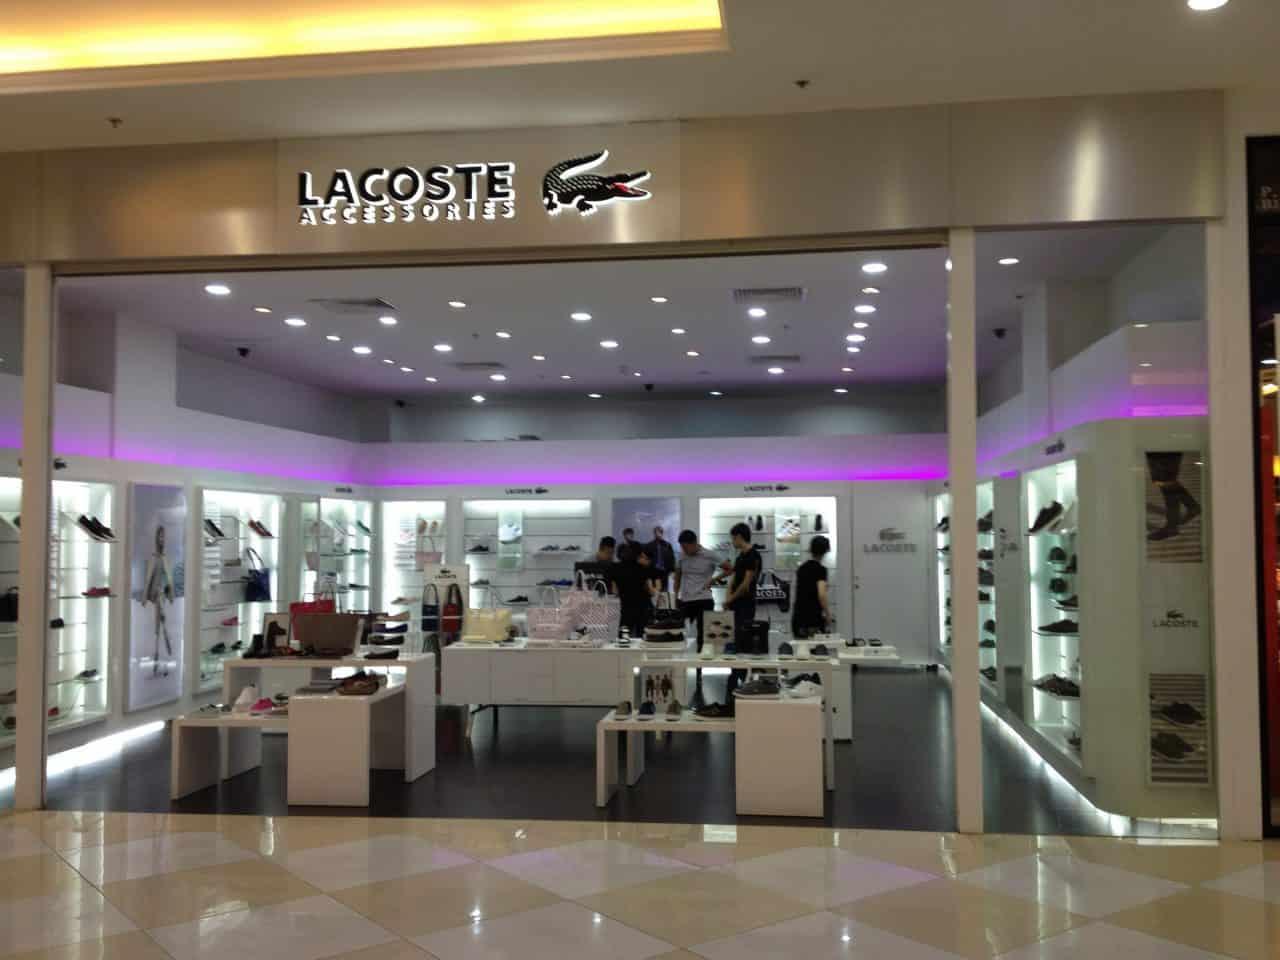 Bạn cũng có thể mua giày Lacoste tại TTTM Vincom Megamall (Royal City)